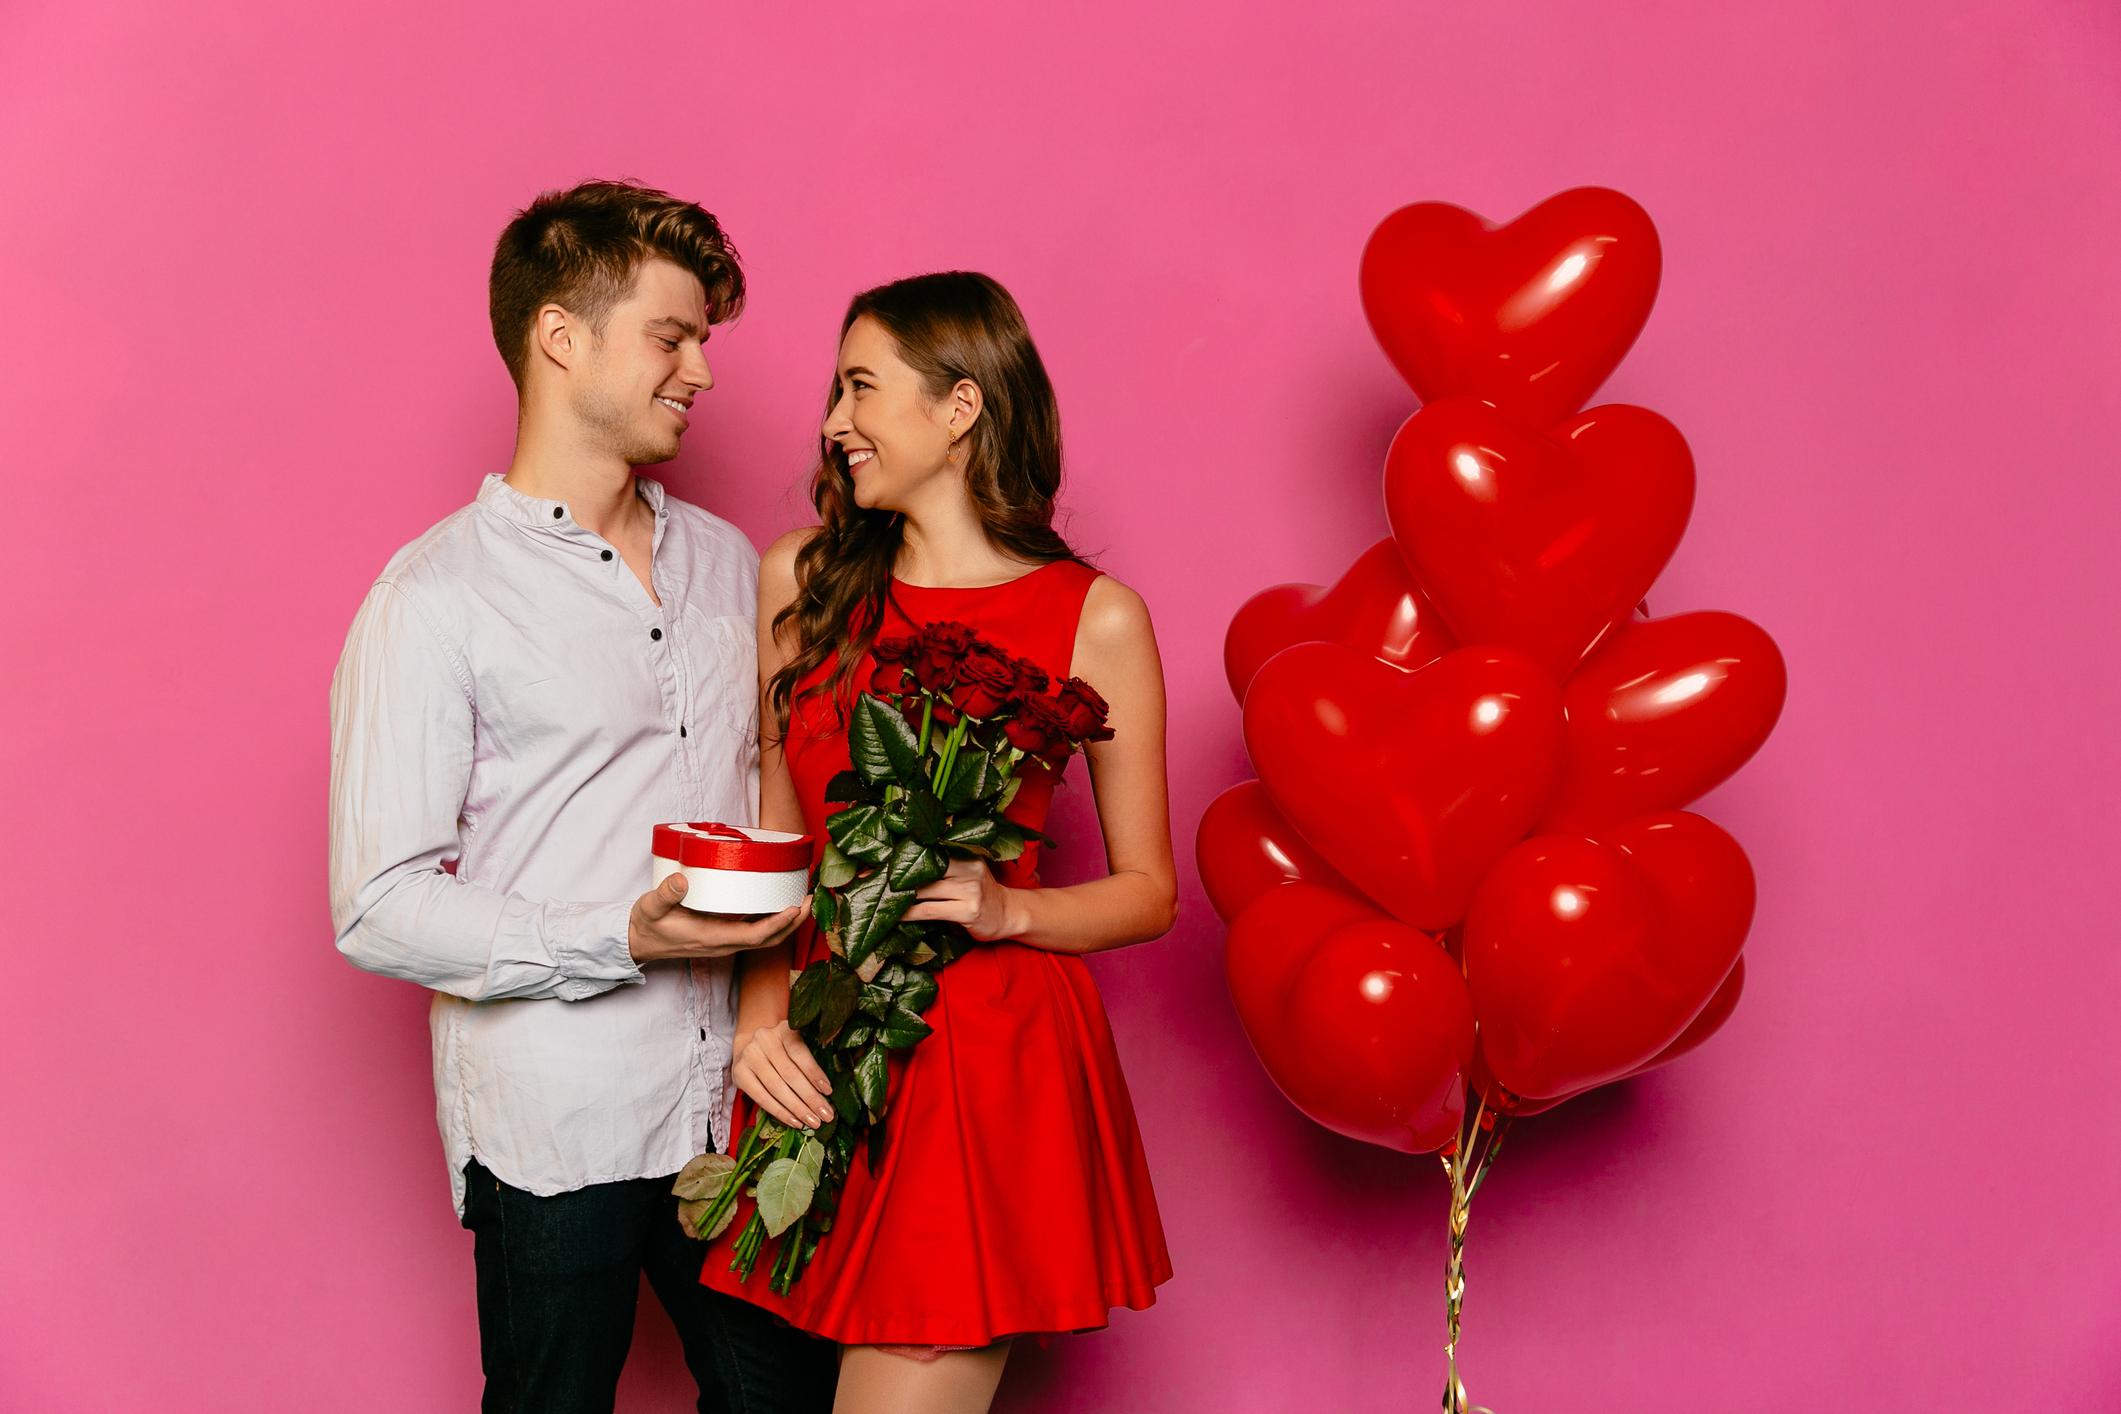 Valentine's day photo